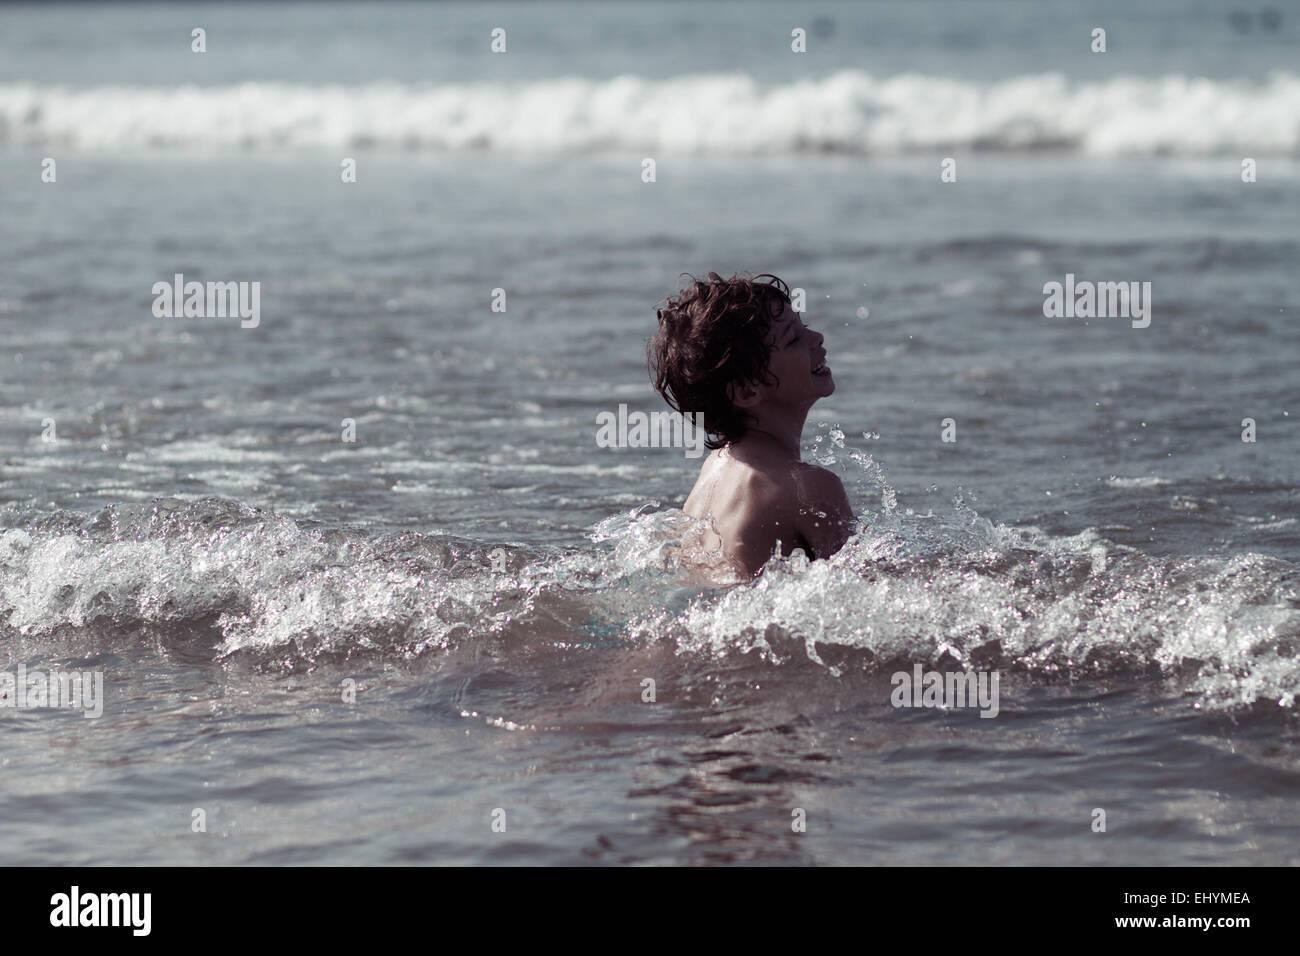 Garçon jouant dans les vagues, Brésil Photo Stock